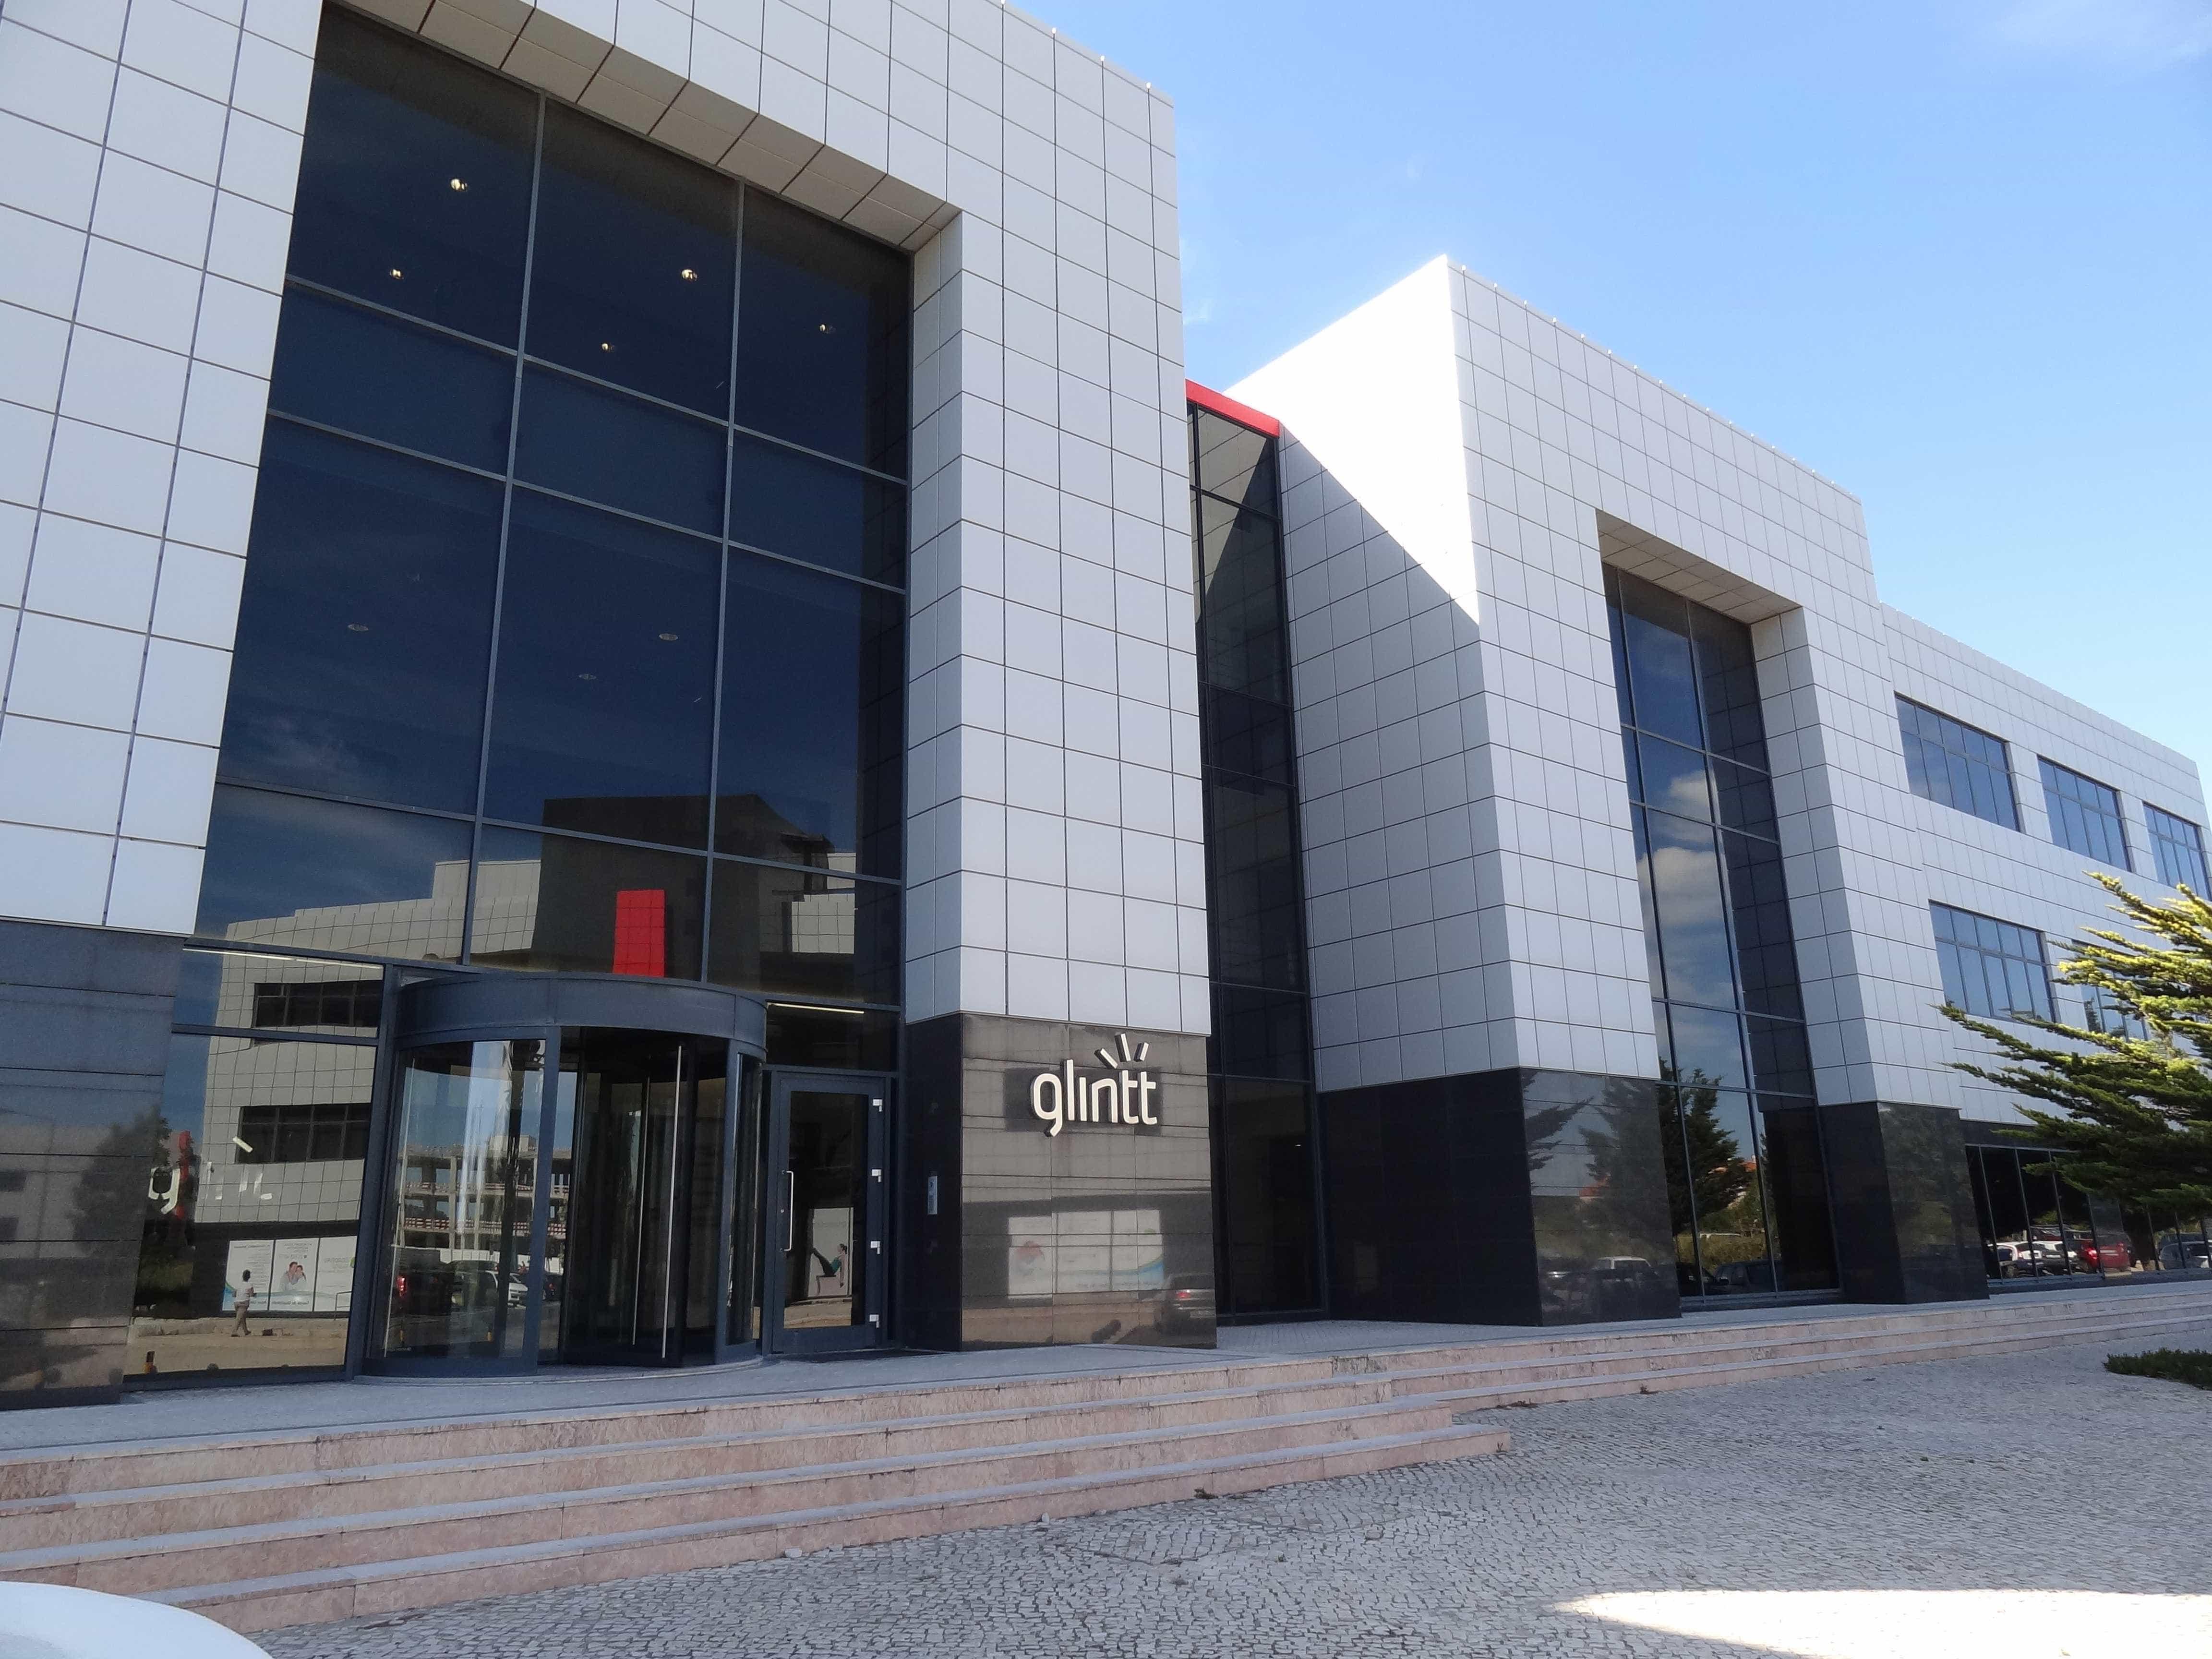 Lucros da Glintt crescem 10,3% em 2018 para 560 mil euros